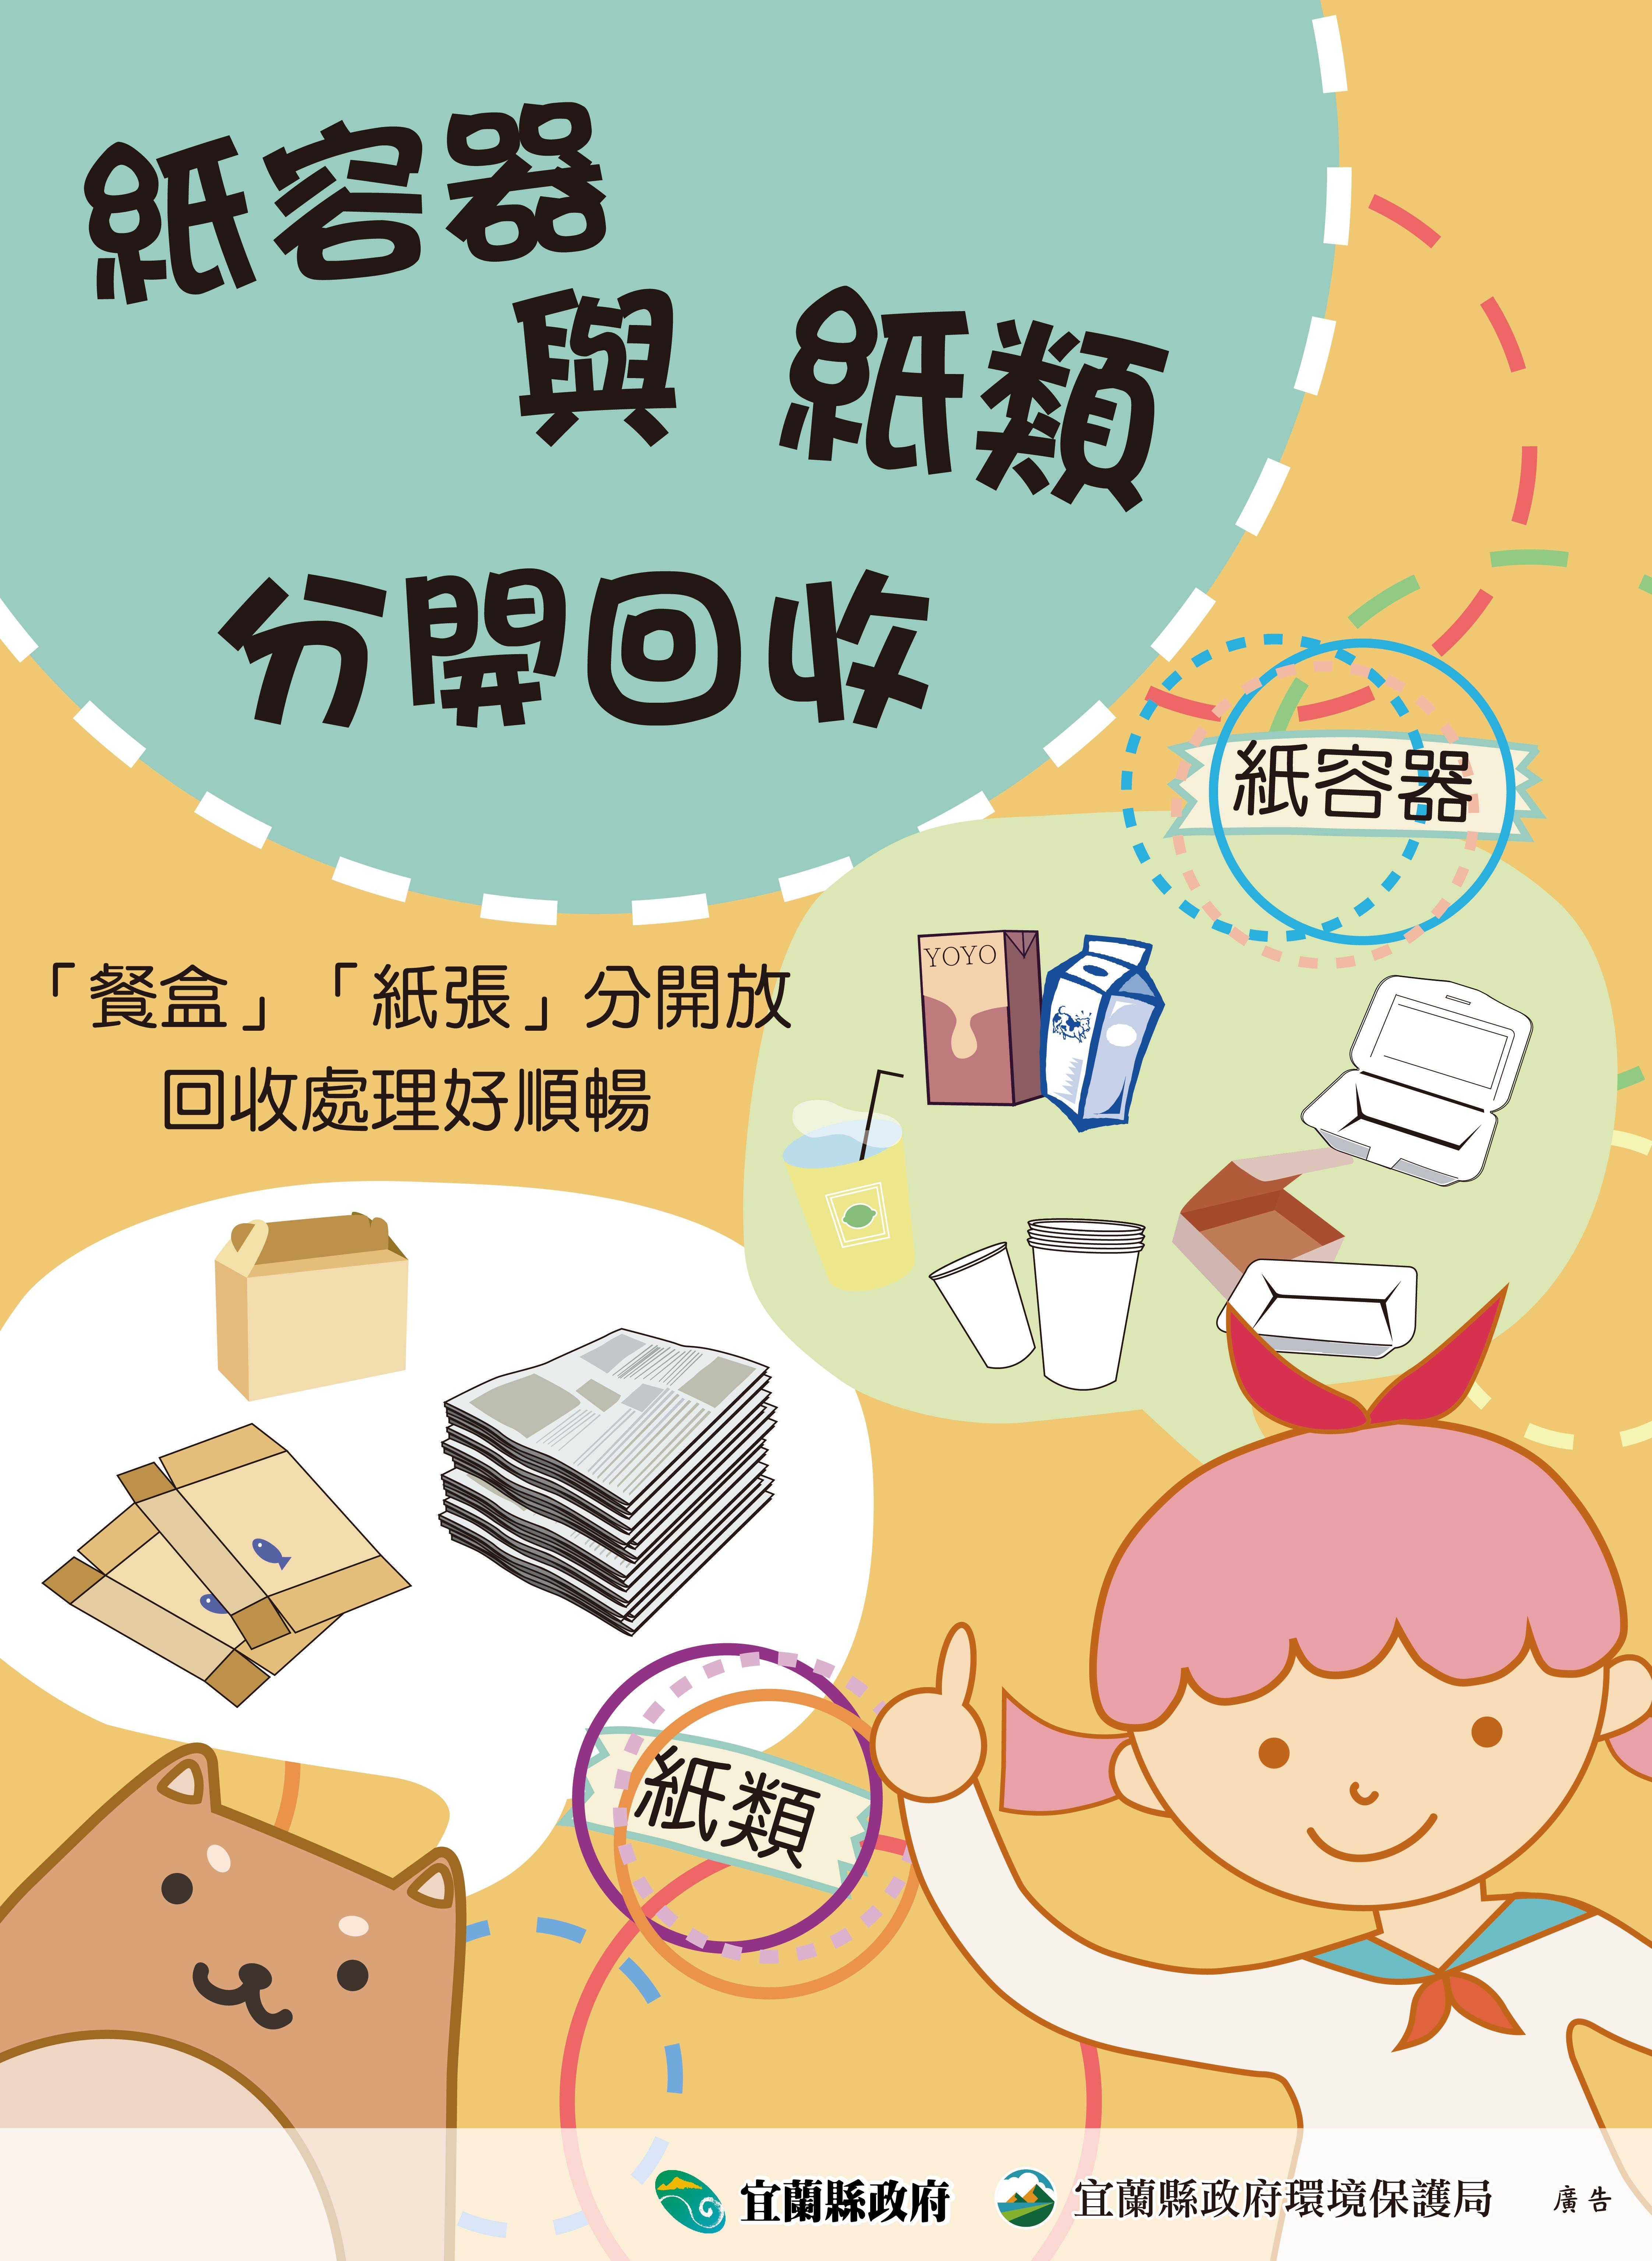 紙容器、紙張分開回收